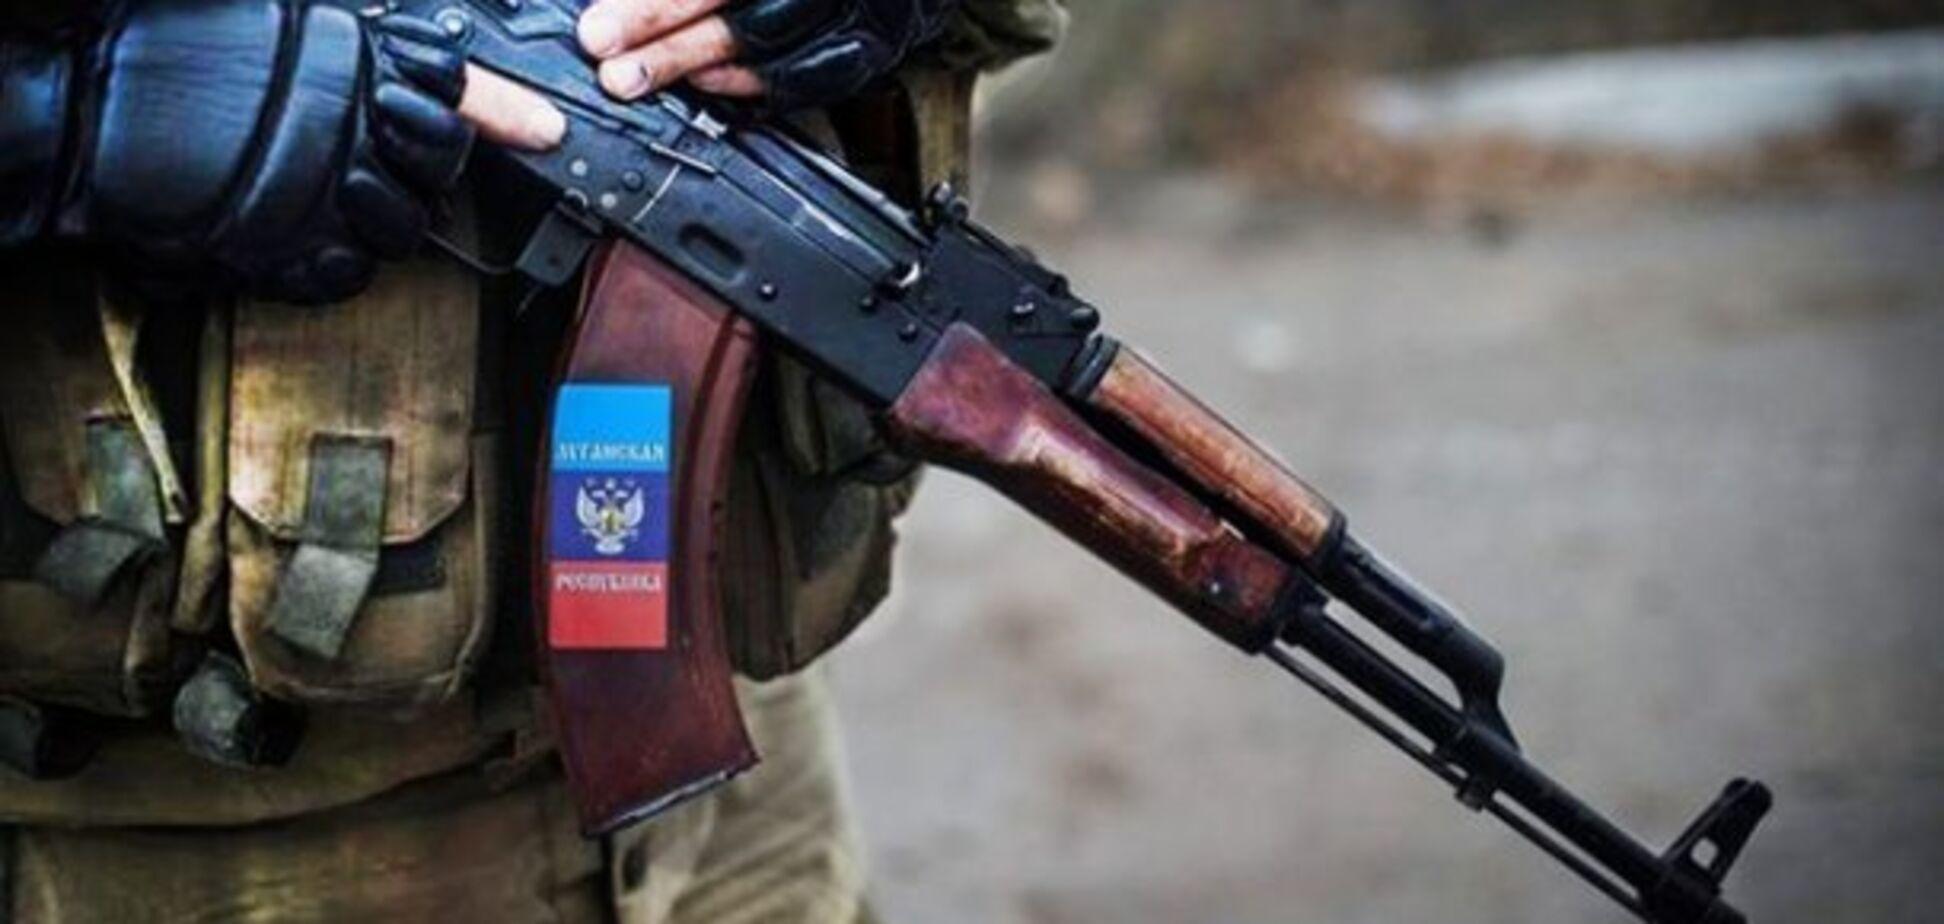 ''Жерти нема чого, грошей немає'': терорист ''ЛНР'' поскаржився на тяжке життя